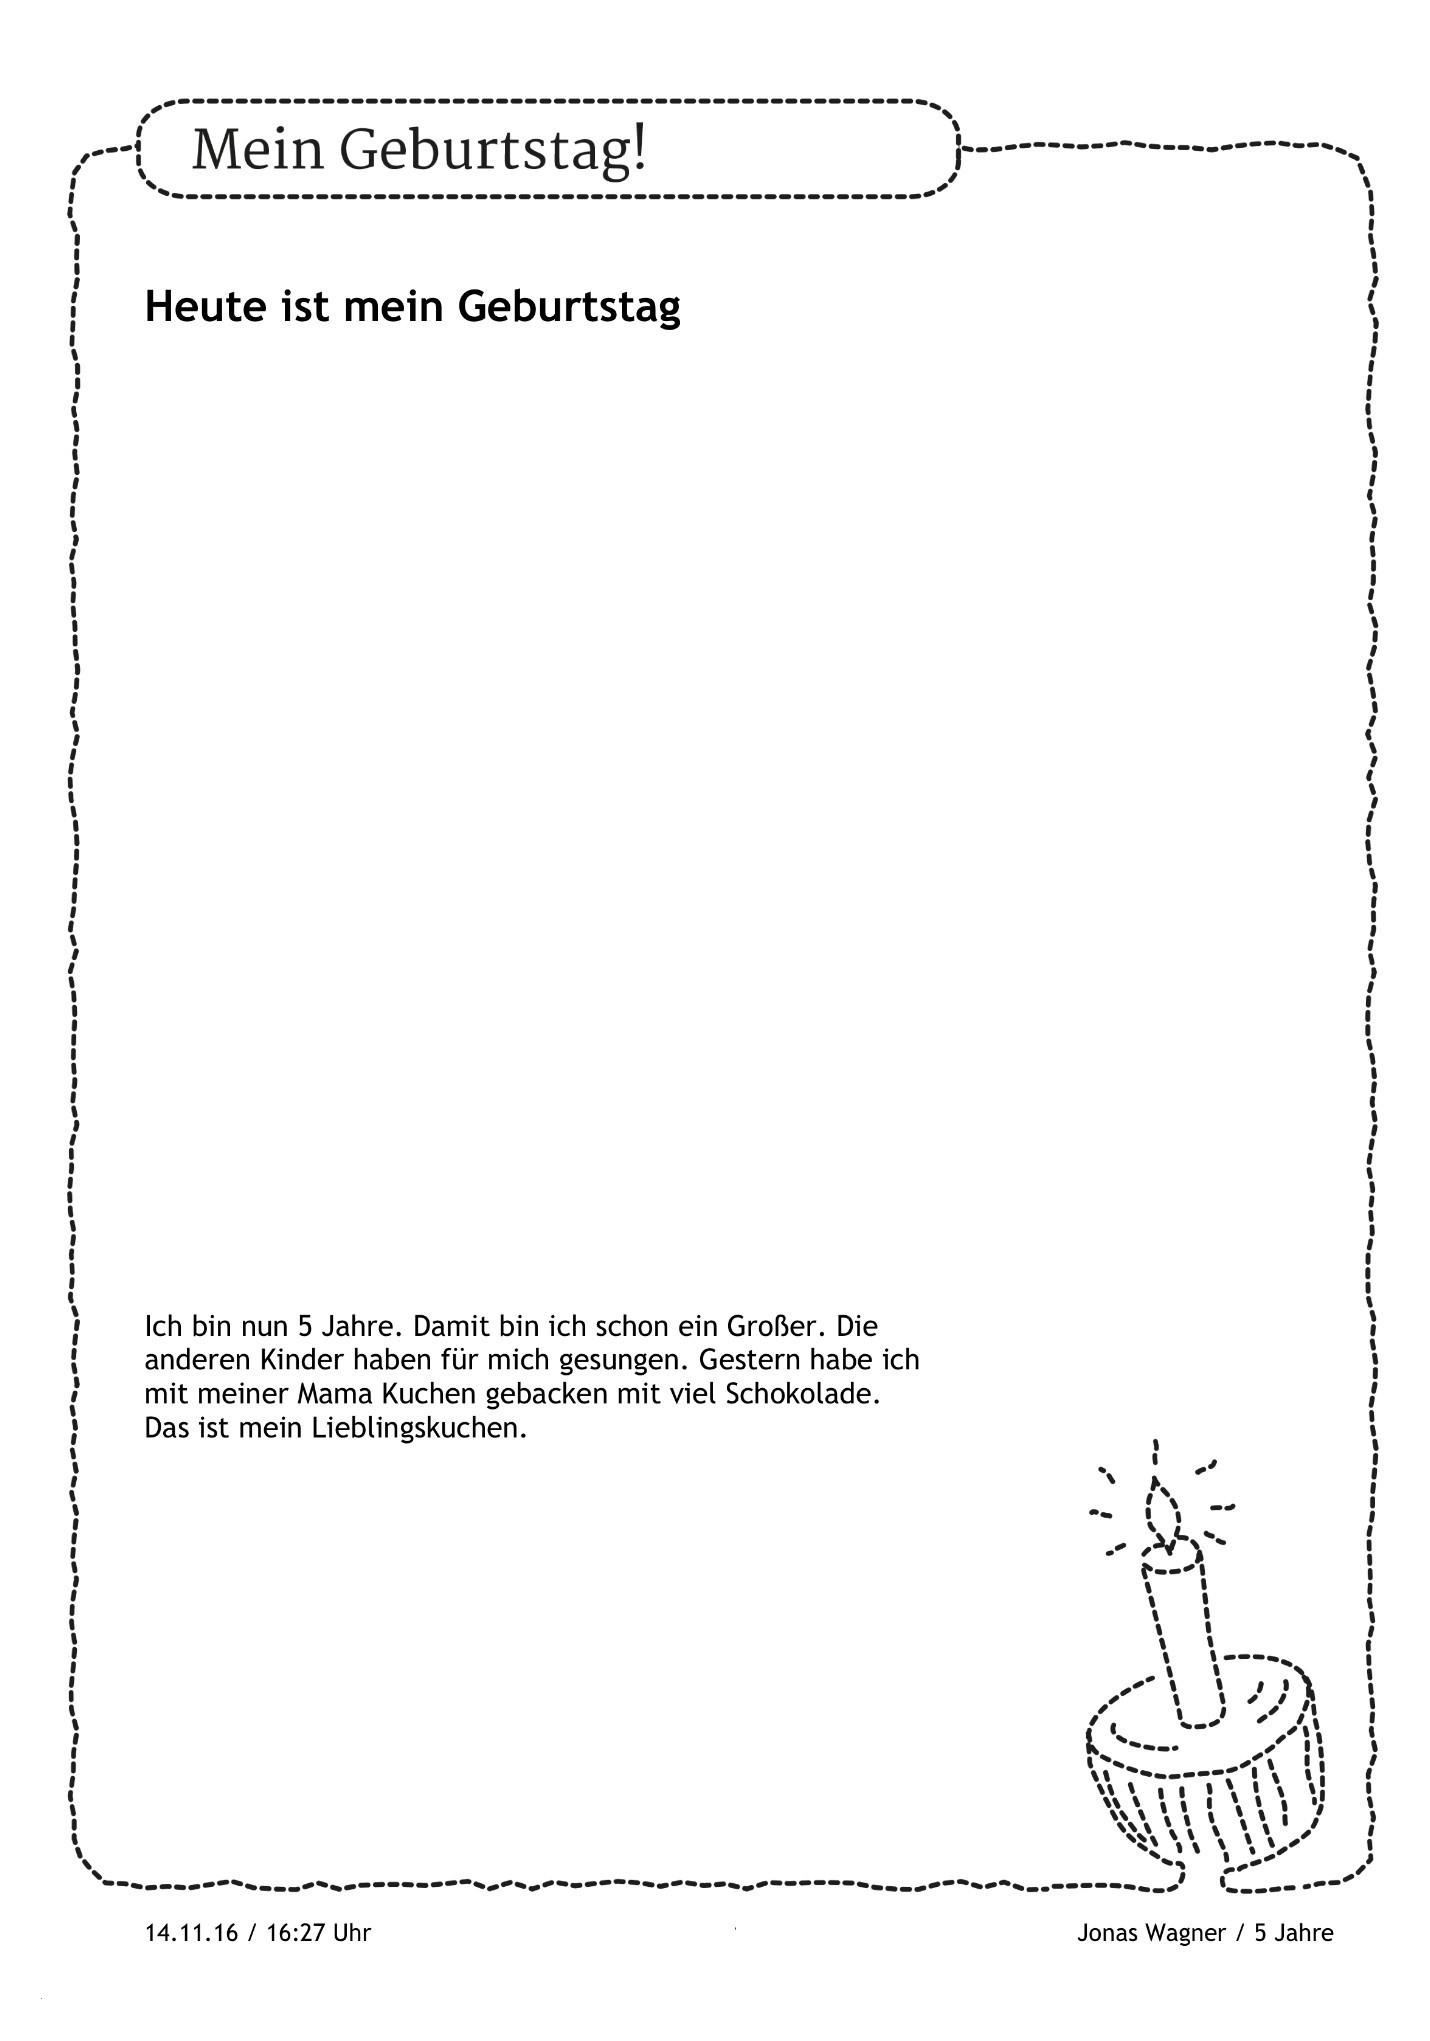 Geburtstagskarte Ausdrucken Kostenlos Das Beste Von Zum Geburtstag Karte Fotos Geburtstagskarte Gestalten Und Ausdrucken Sammlung